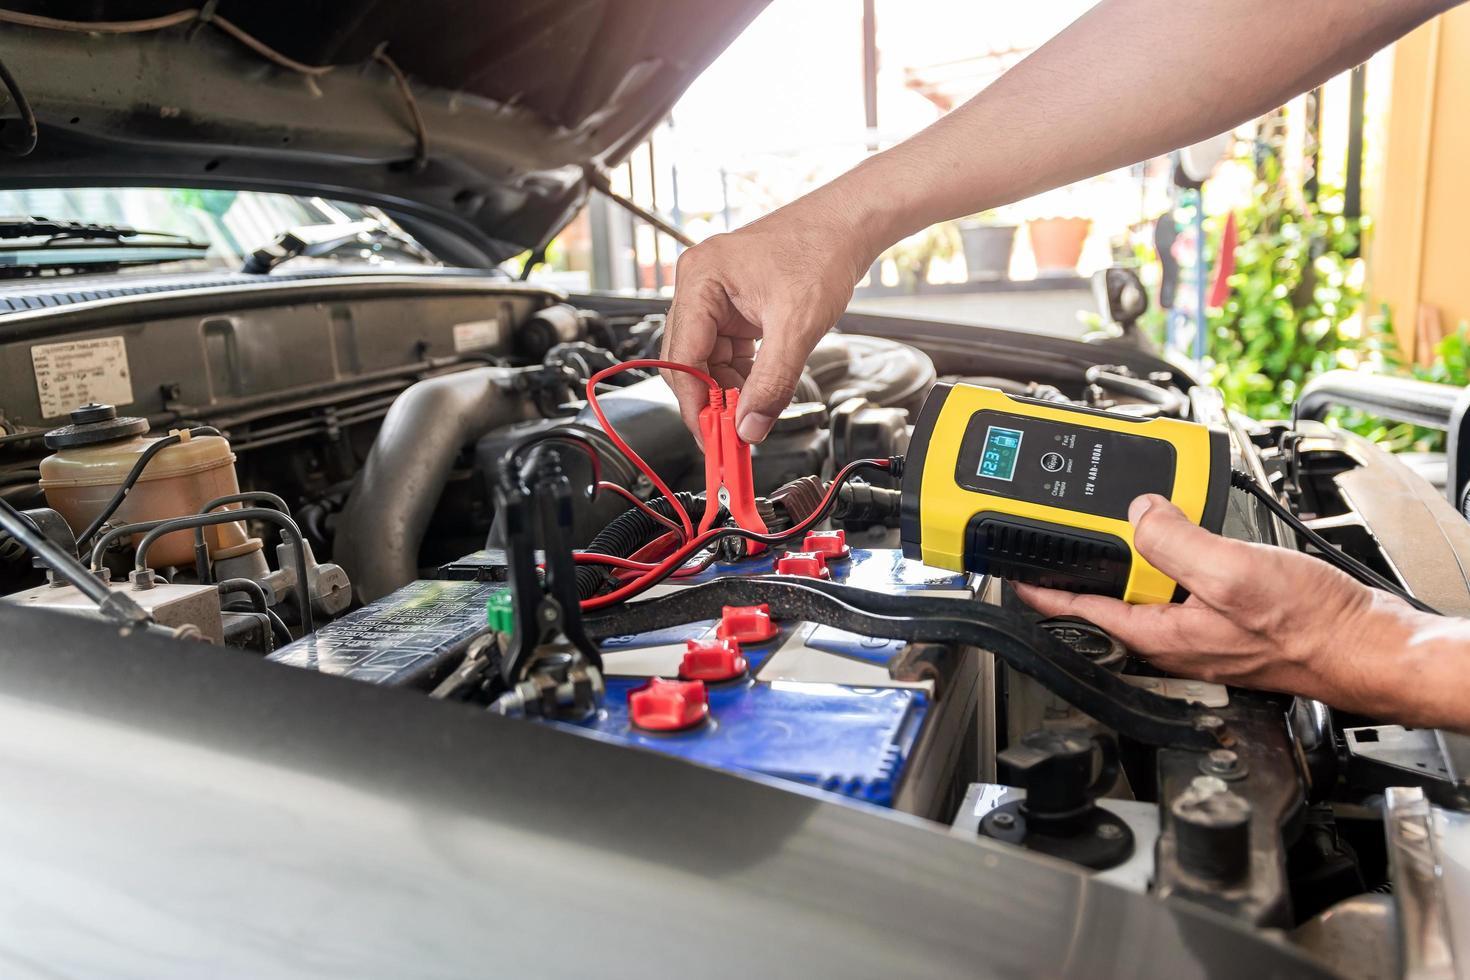 Autobatterieladegerät foto